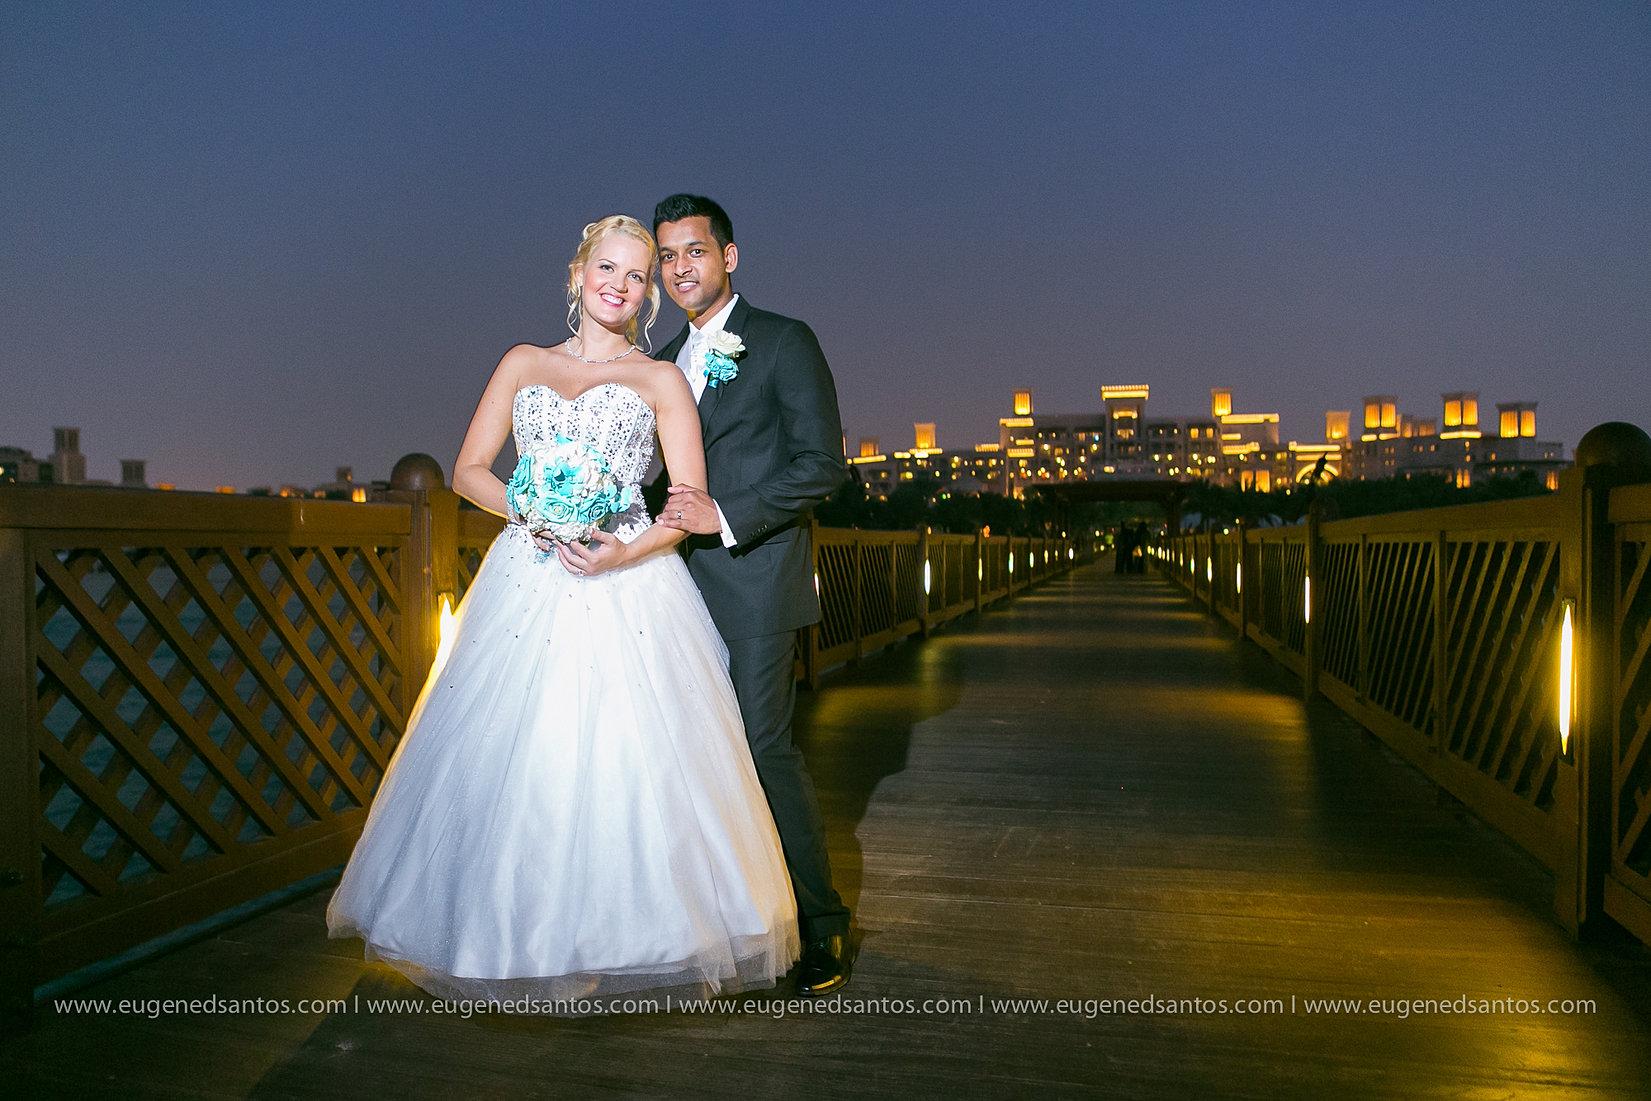 Eugene Santos Dubai Wedding Photographer And Events